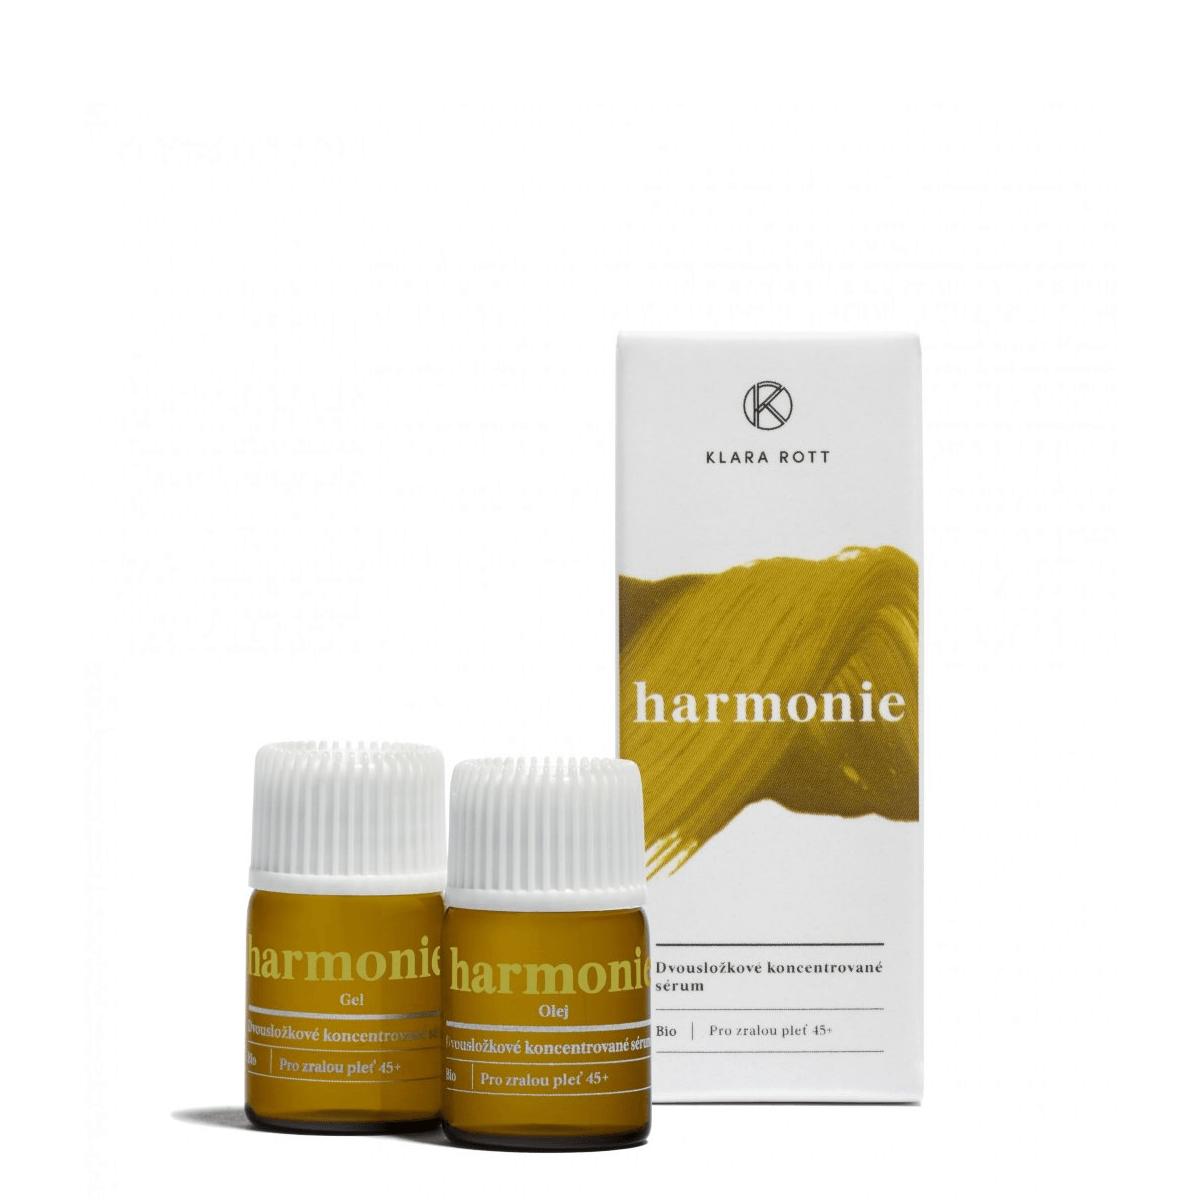 Malé balení Harmonie - Dvousložkové koncentrované sérum pro zralou pleť